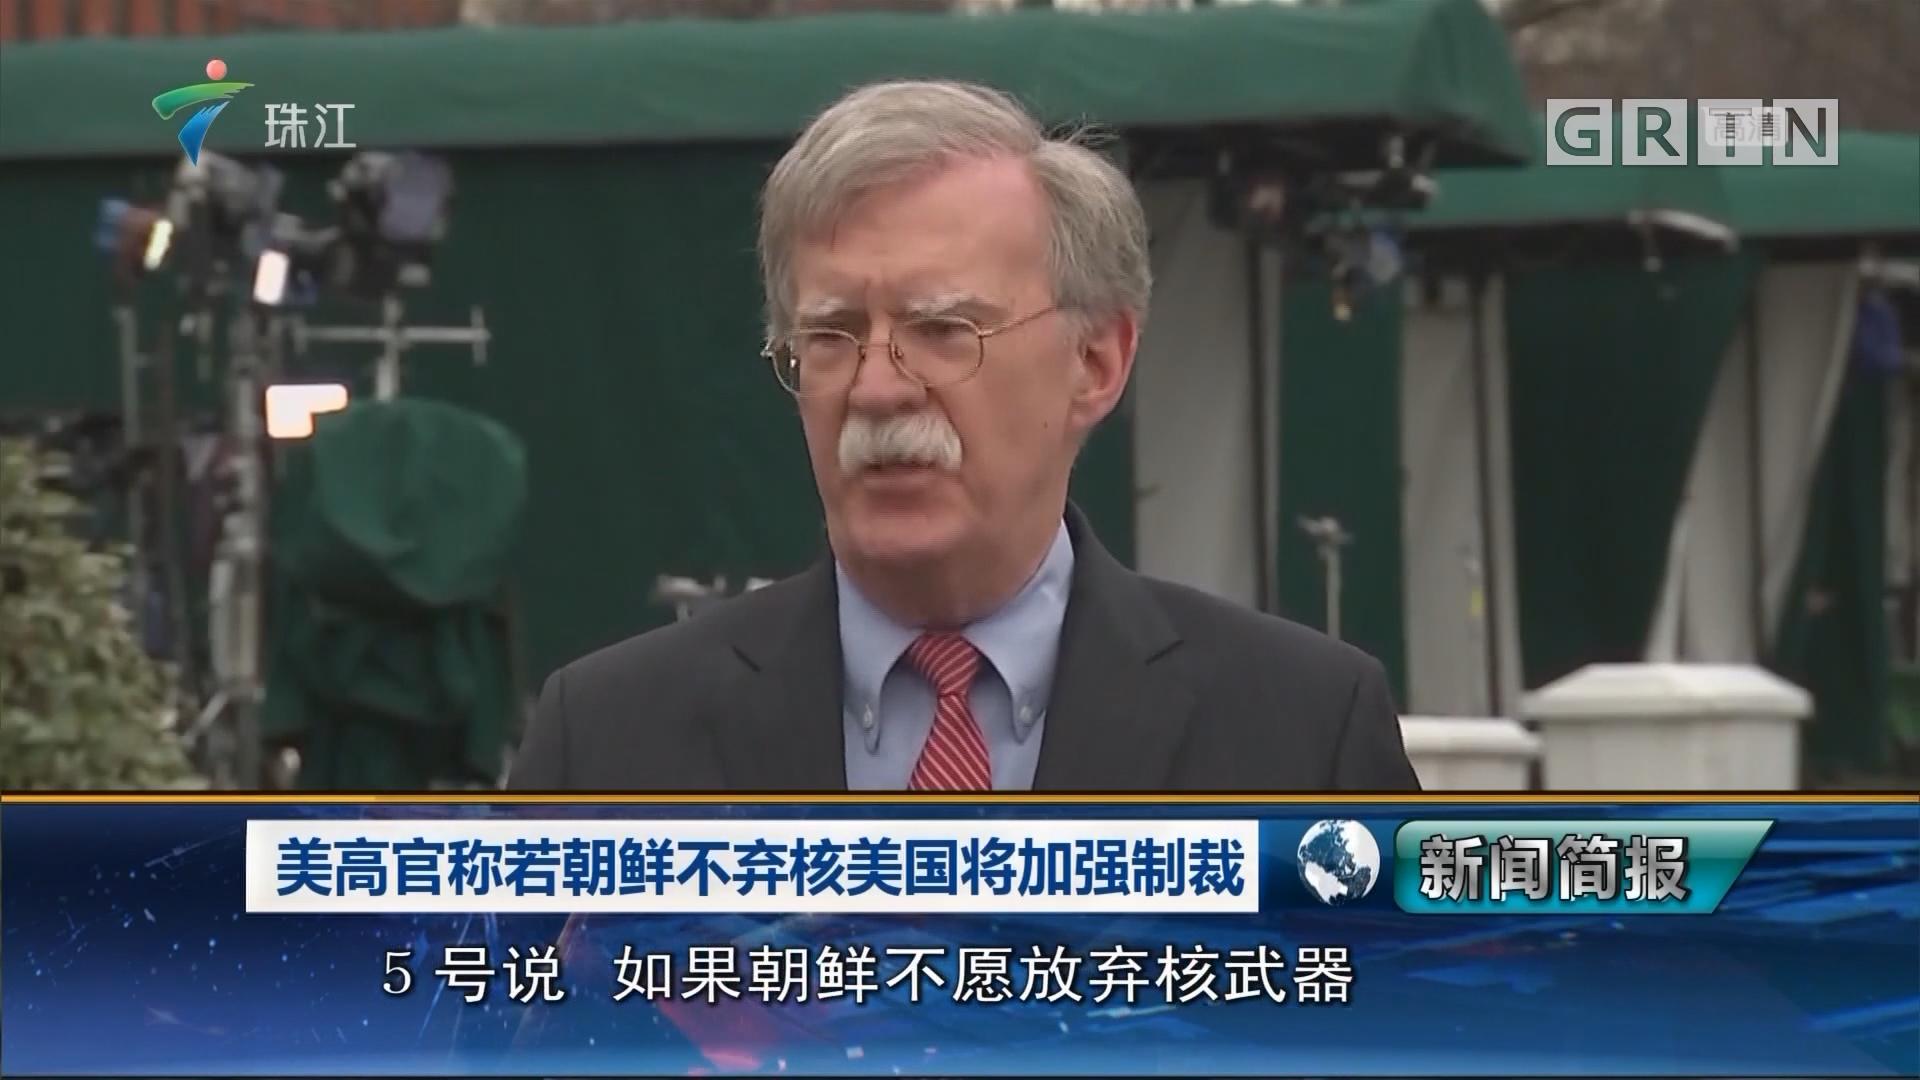 美高官称若朝鲜不弃核美国将加强制裁